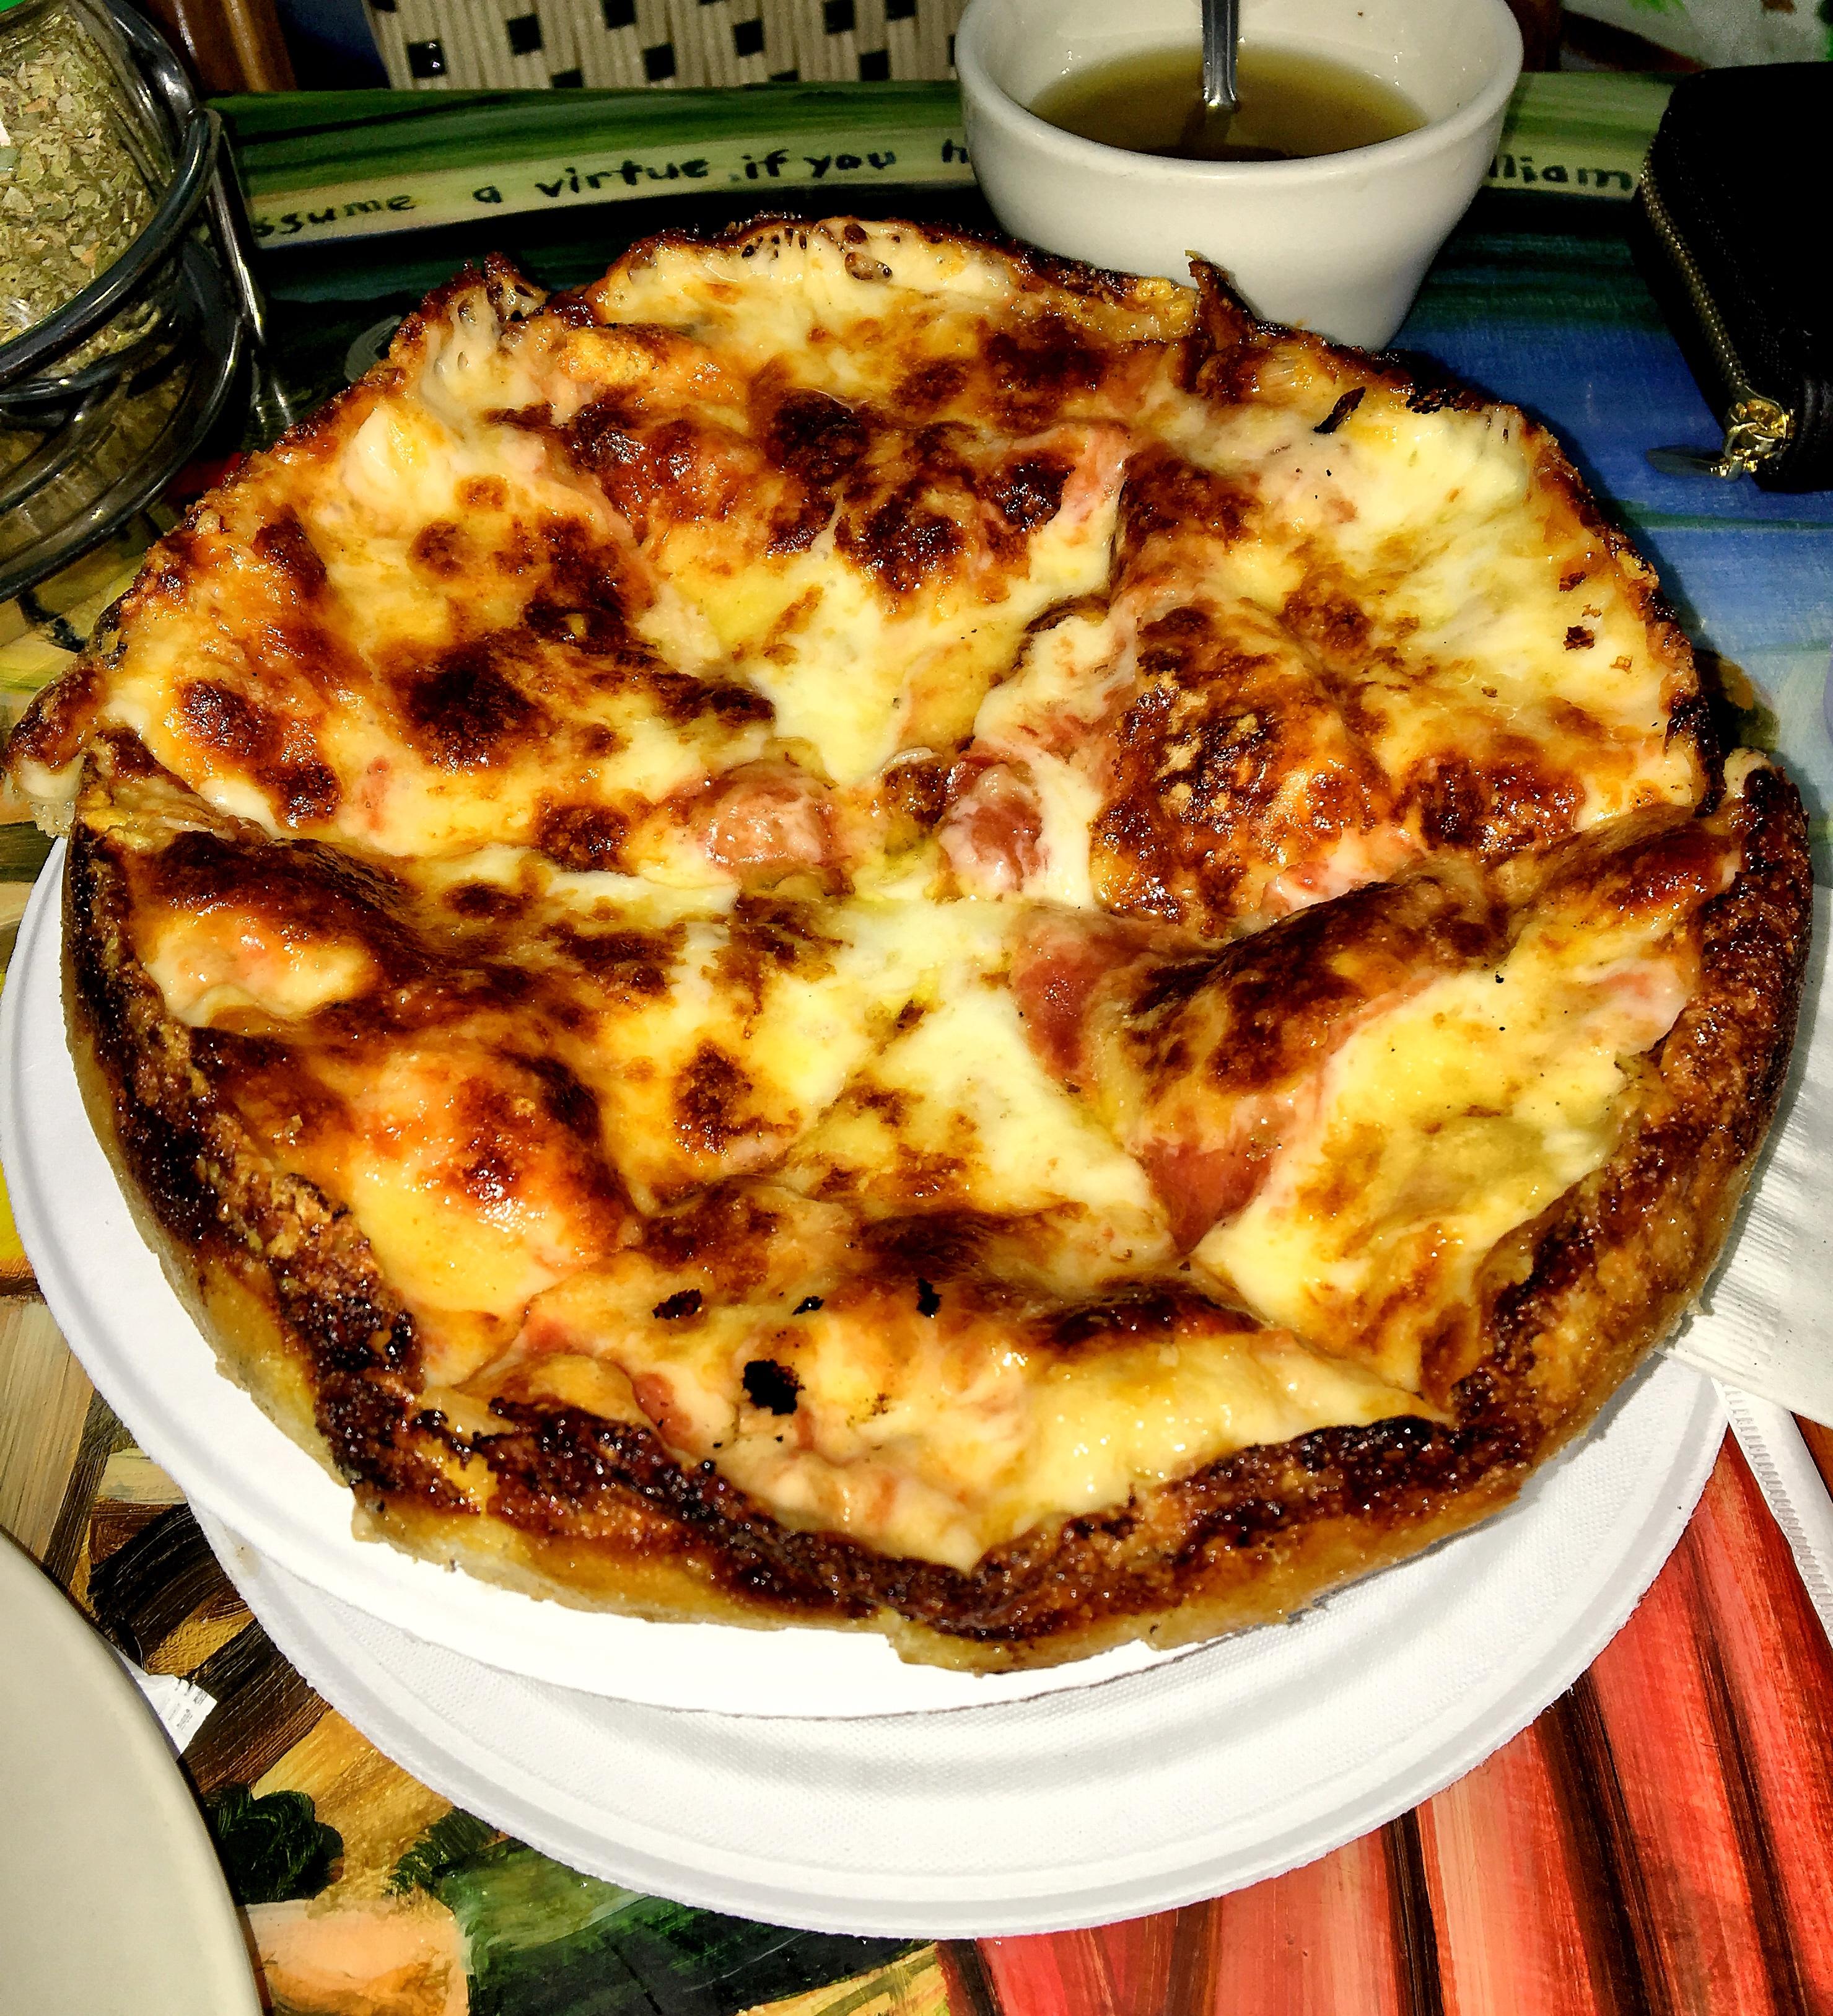 Highlandtown: Matthew's Pizza - Like the Tea EATS